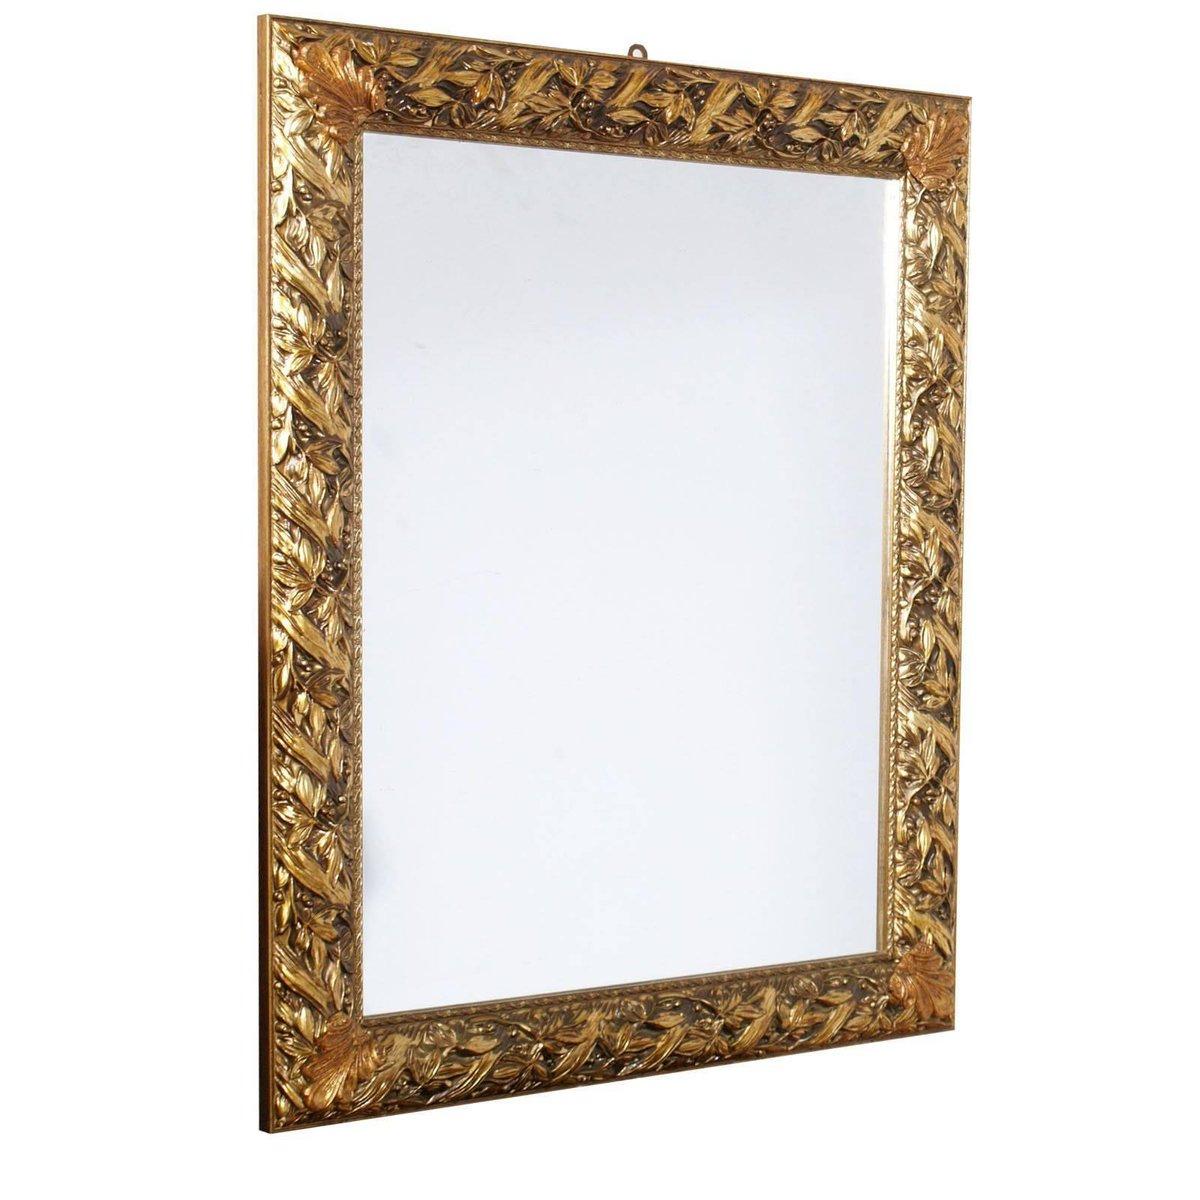 Specchio vintage con cornice dorata ed intagliata in - Specchio con cornice dorata ...